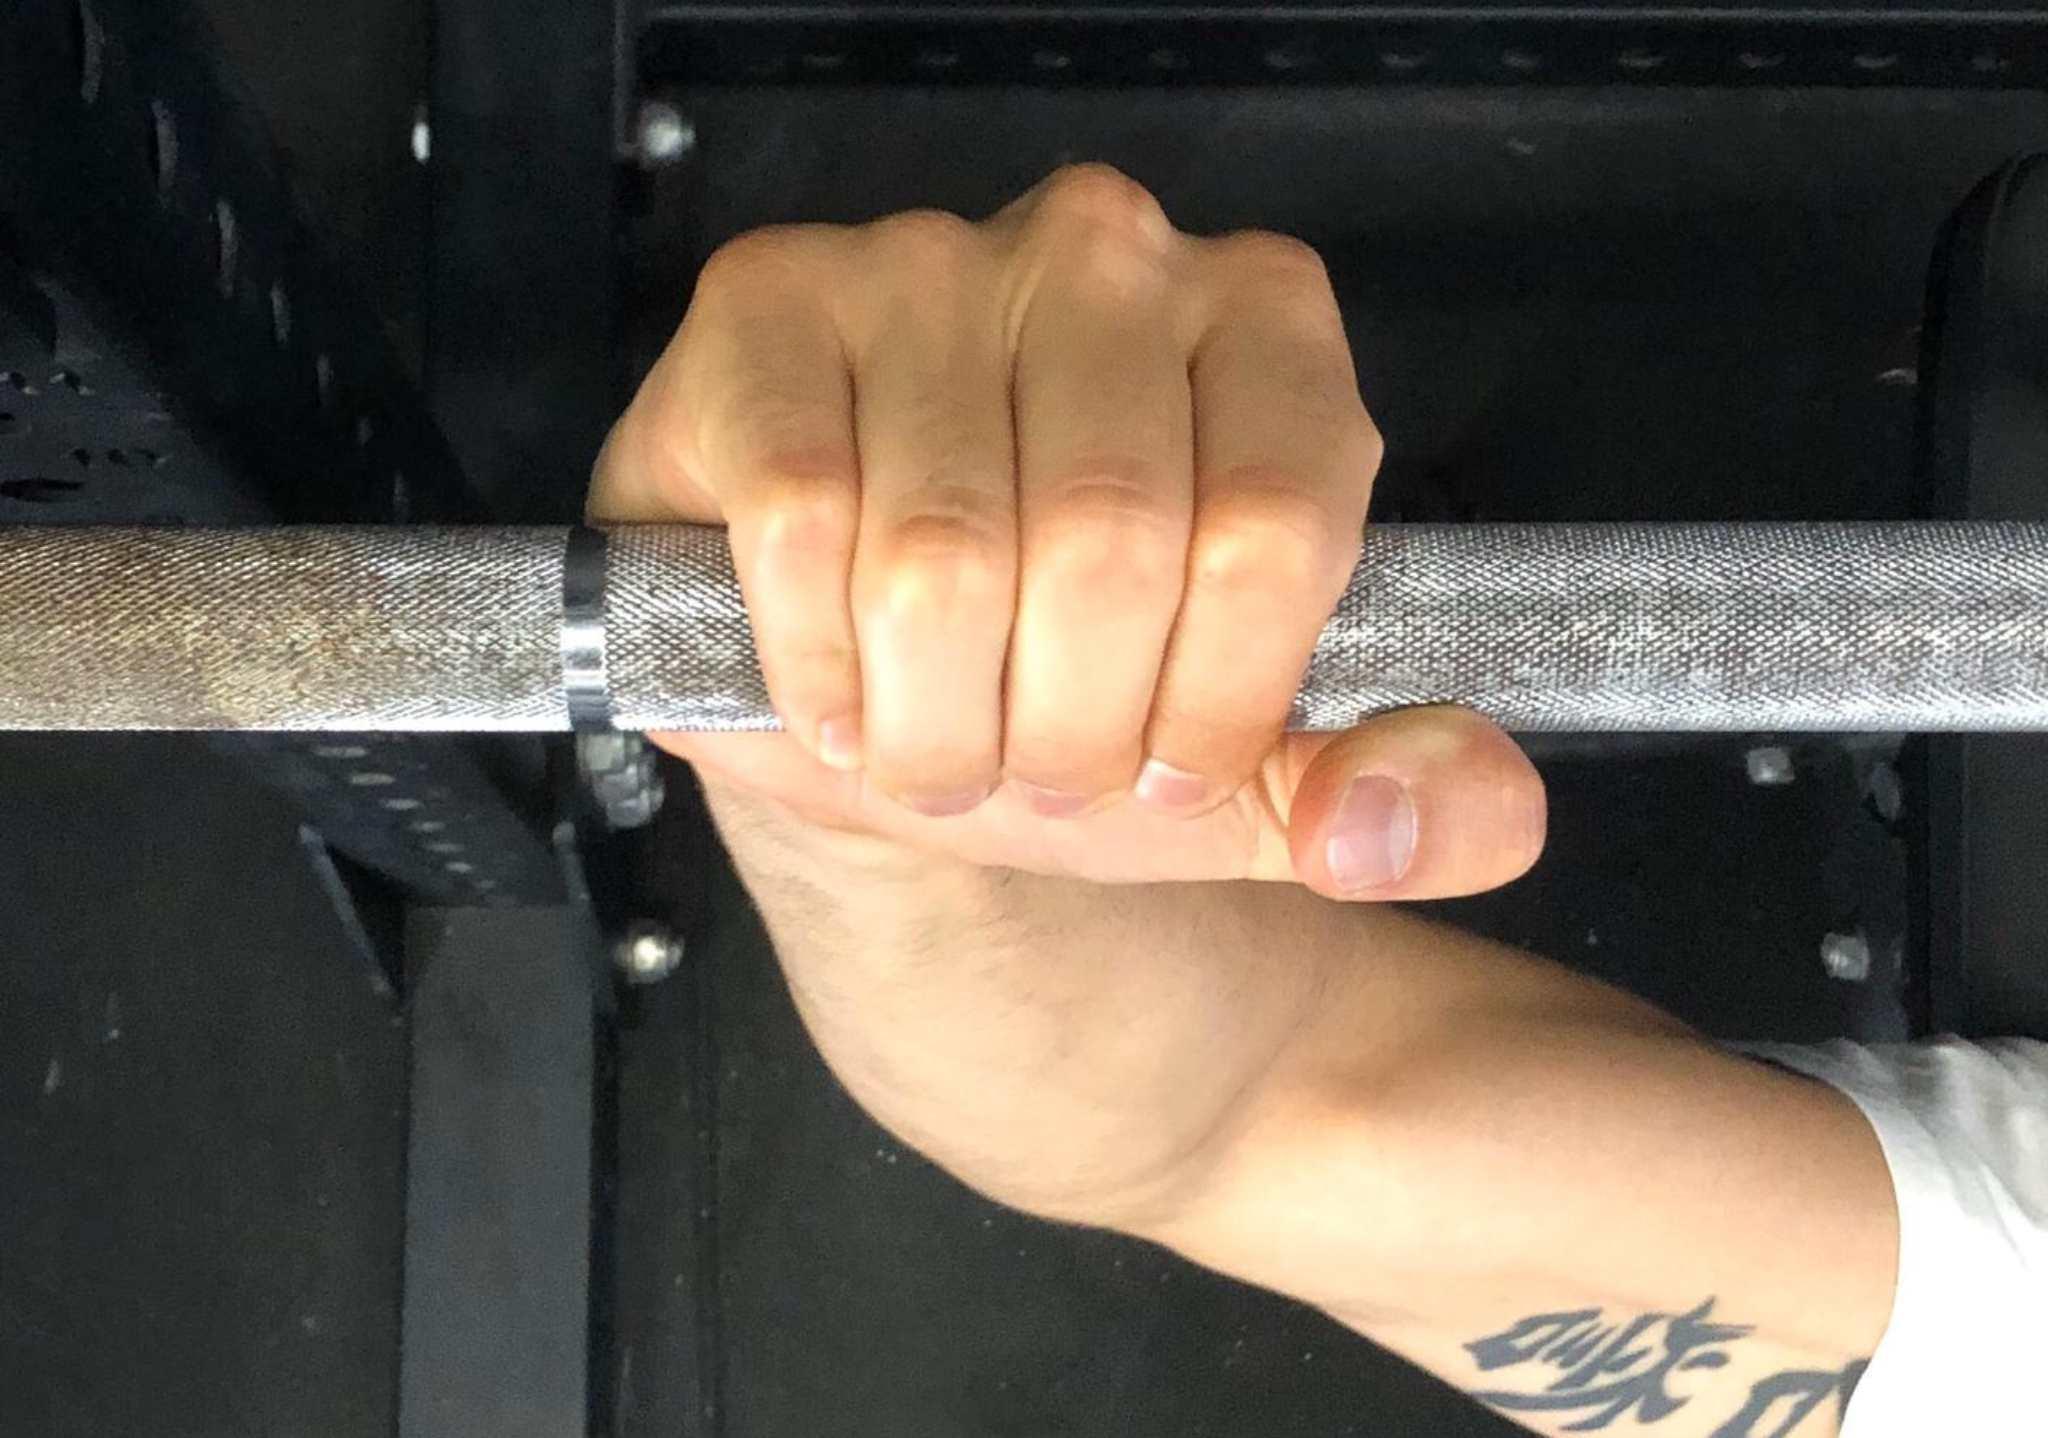 Come impugnare gli attrezzi in sala pesi